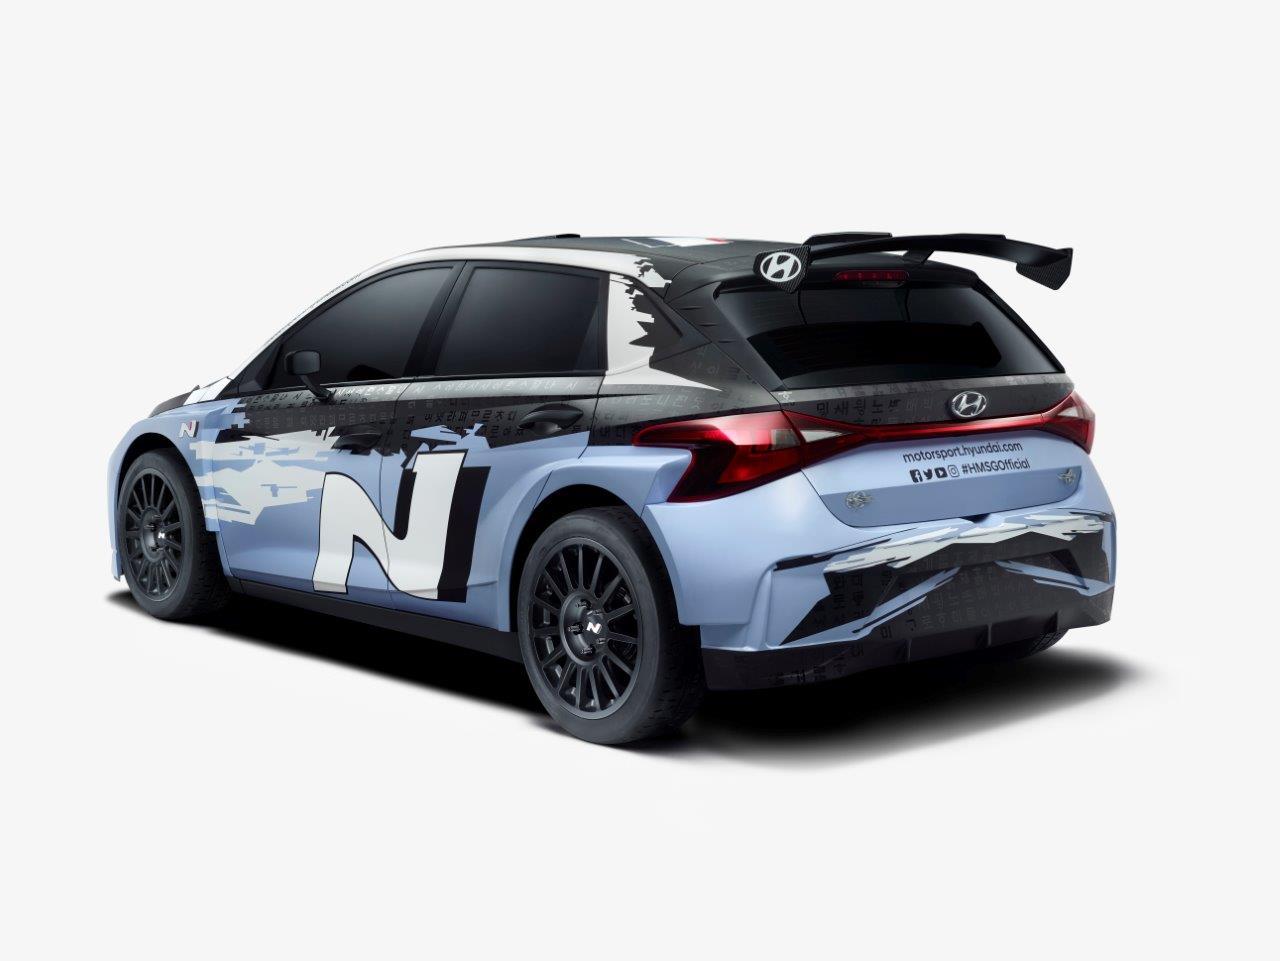 Íme az új Hyundai i20 N Rally2 versenyautó